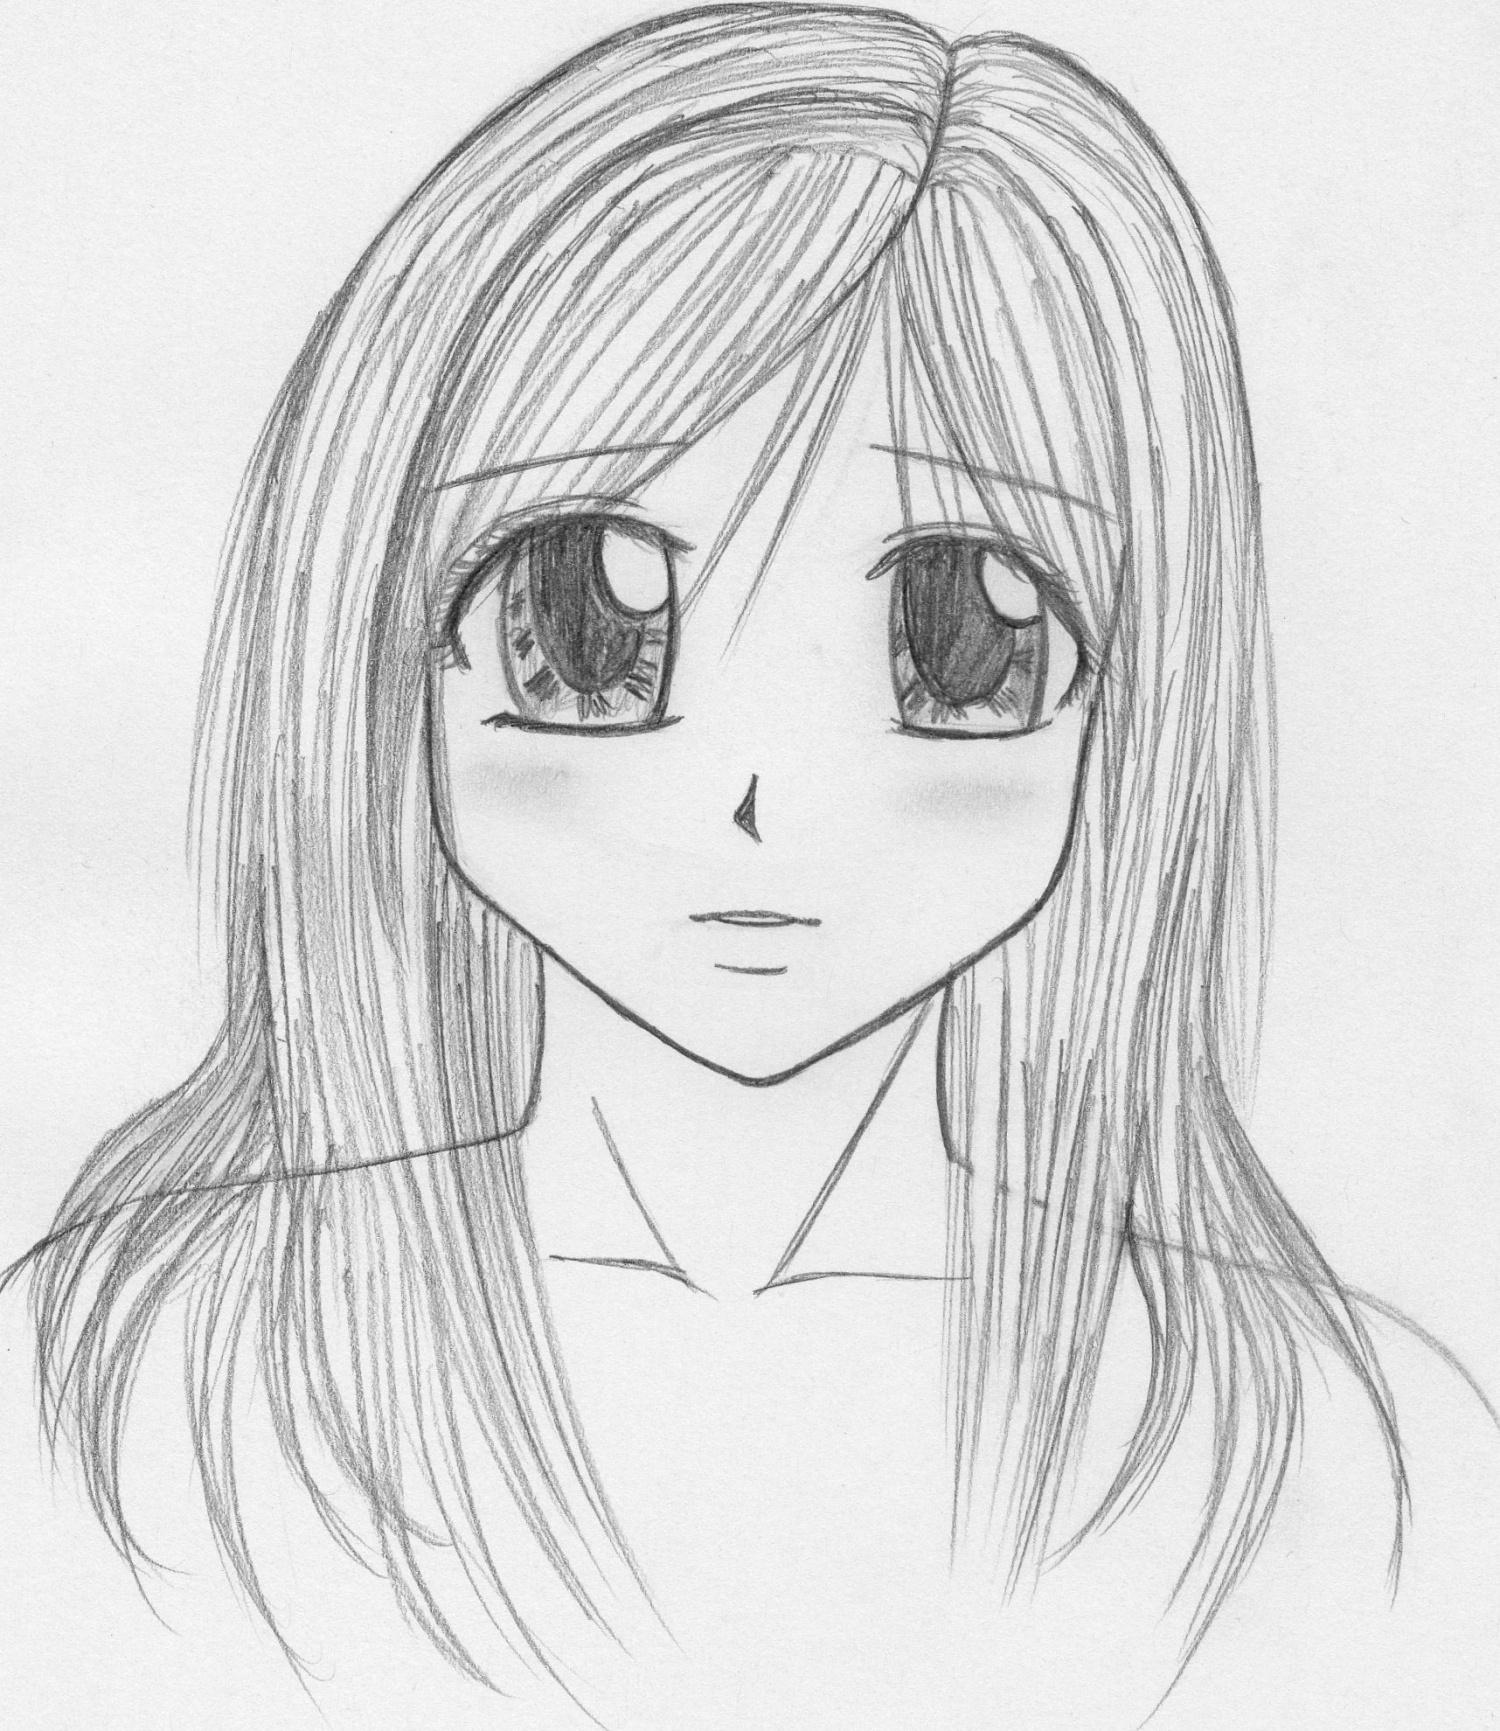 Dessin Fille Style Shojo - Makiu No Sekai intérieur Dessin Facile Pour Fille